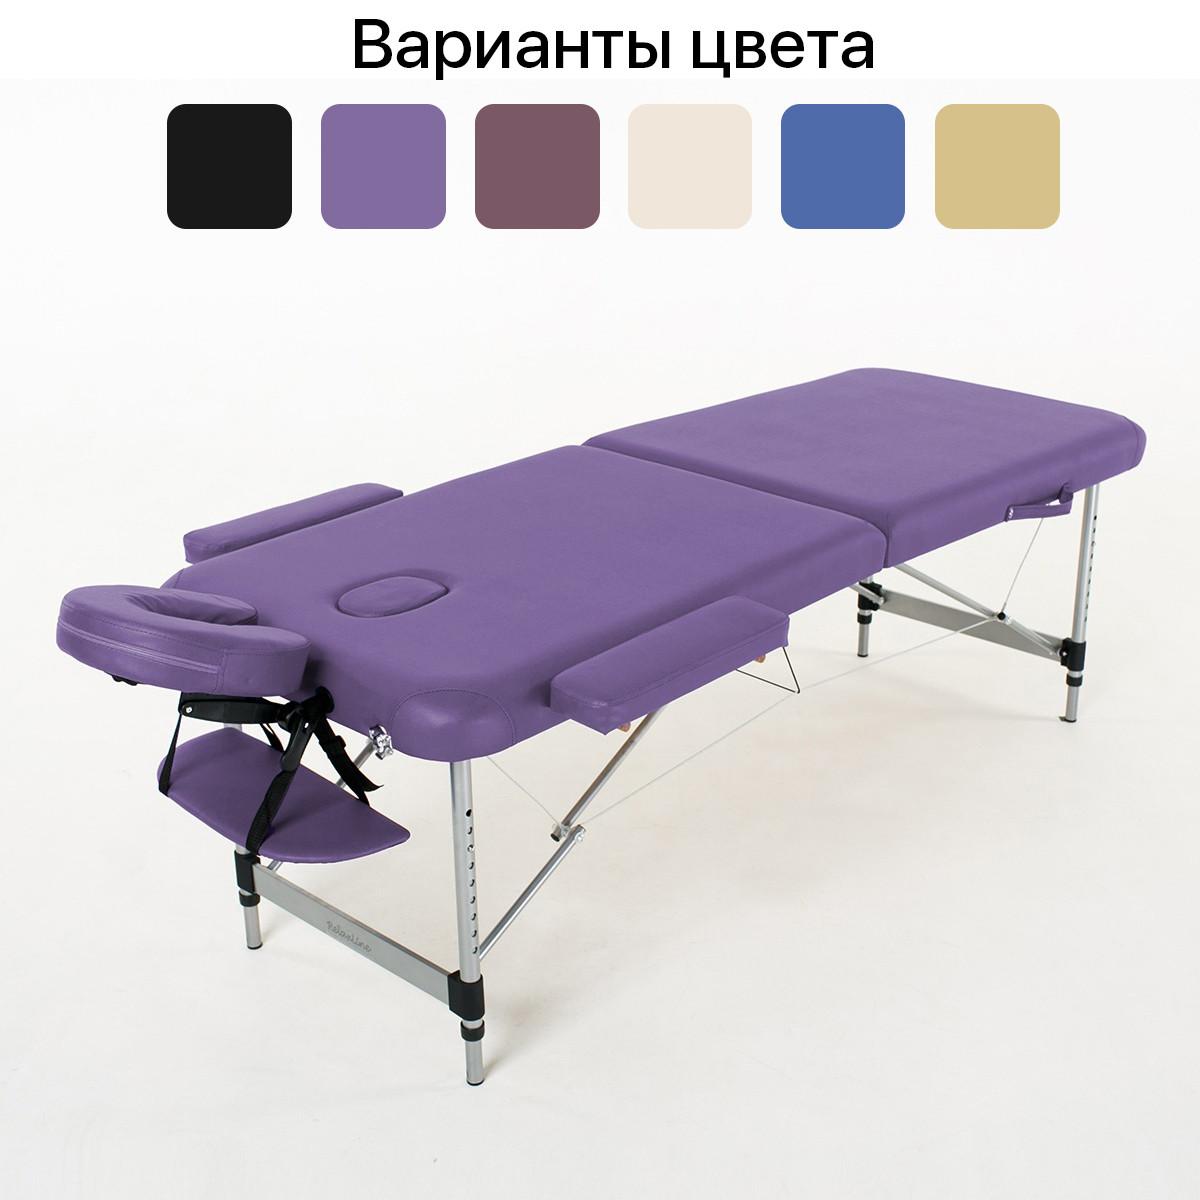 Масажний стіл алюмінієвий 2-х сегментний RelaxLine Hawaii кушетка масажна для масажу